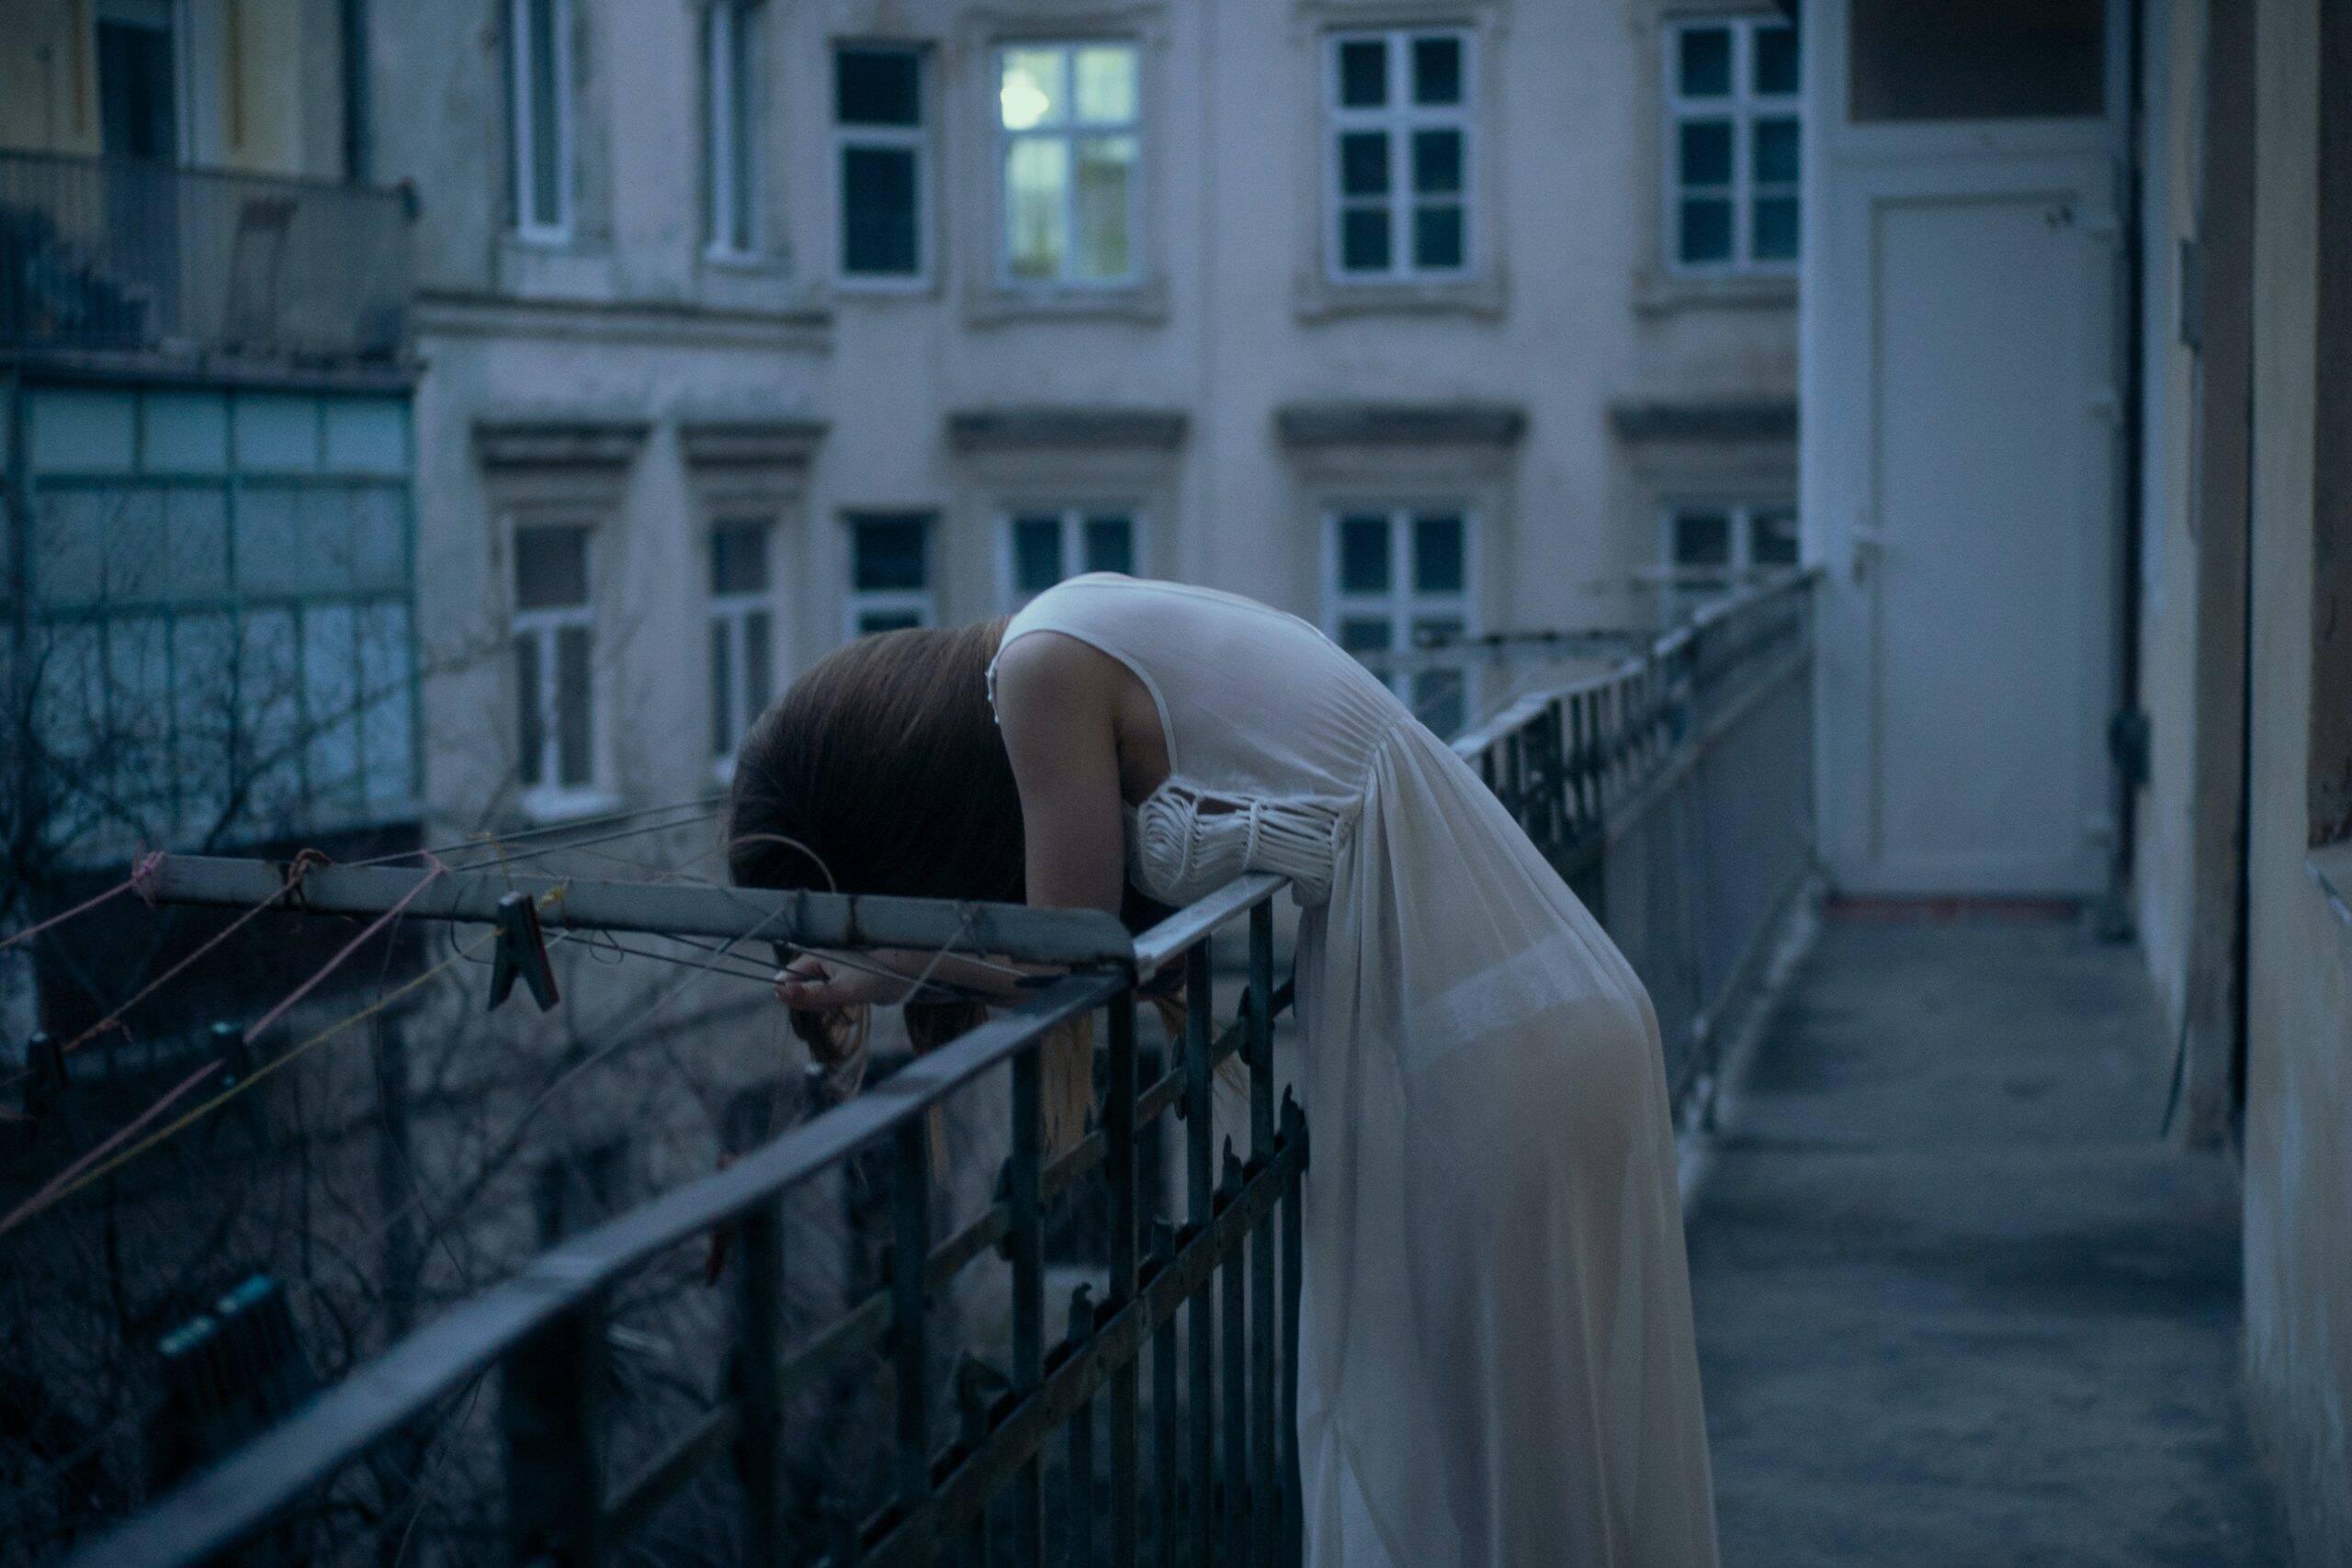 Em casos mais graves, os pacientes podem apresentar pensamentos suicidas. (Foto: Pexels)